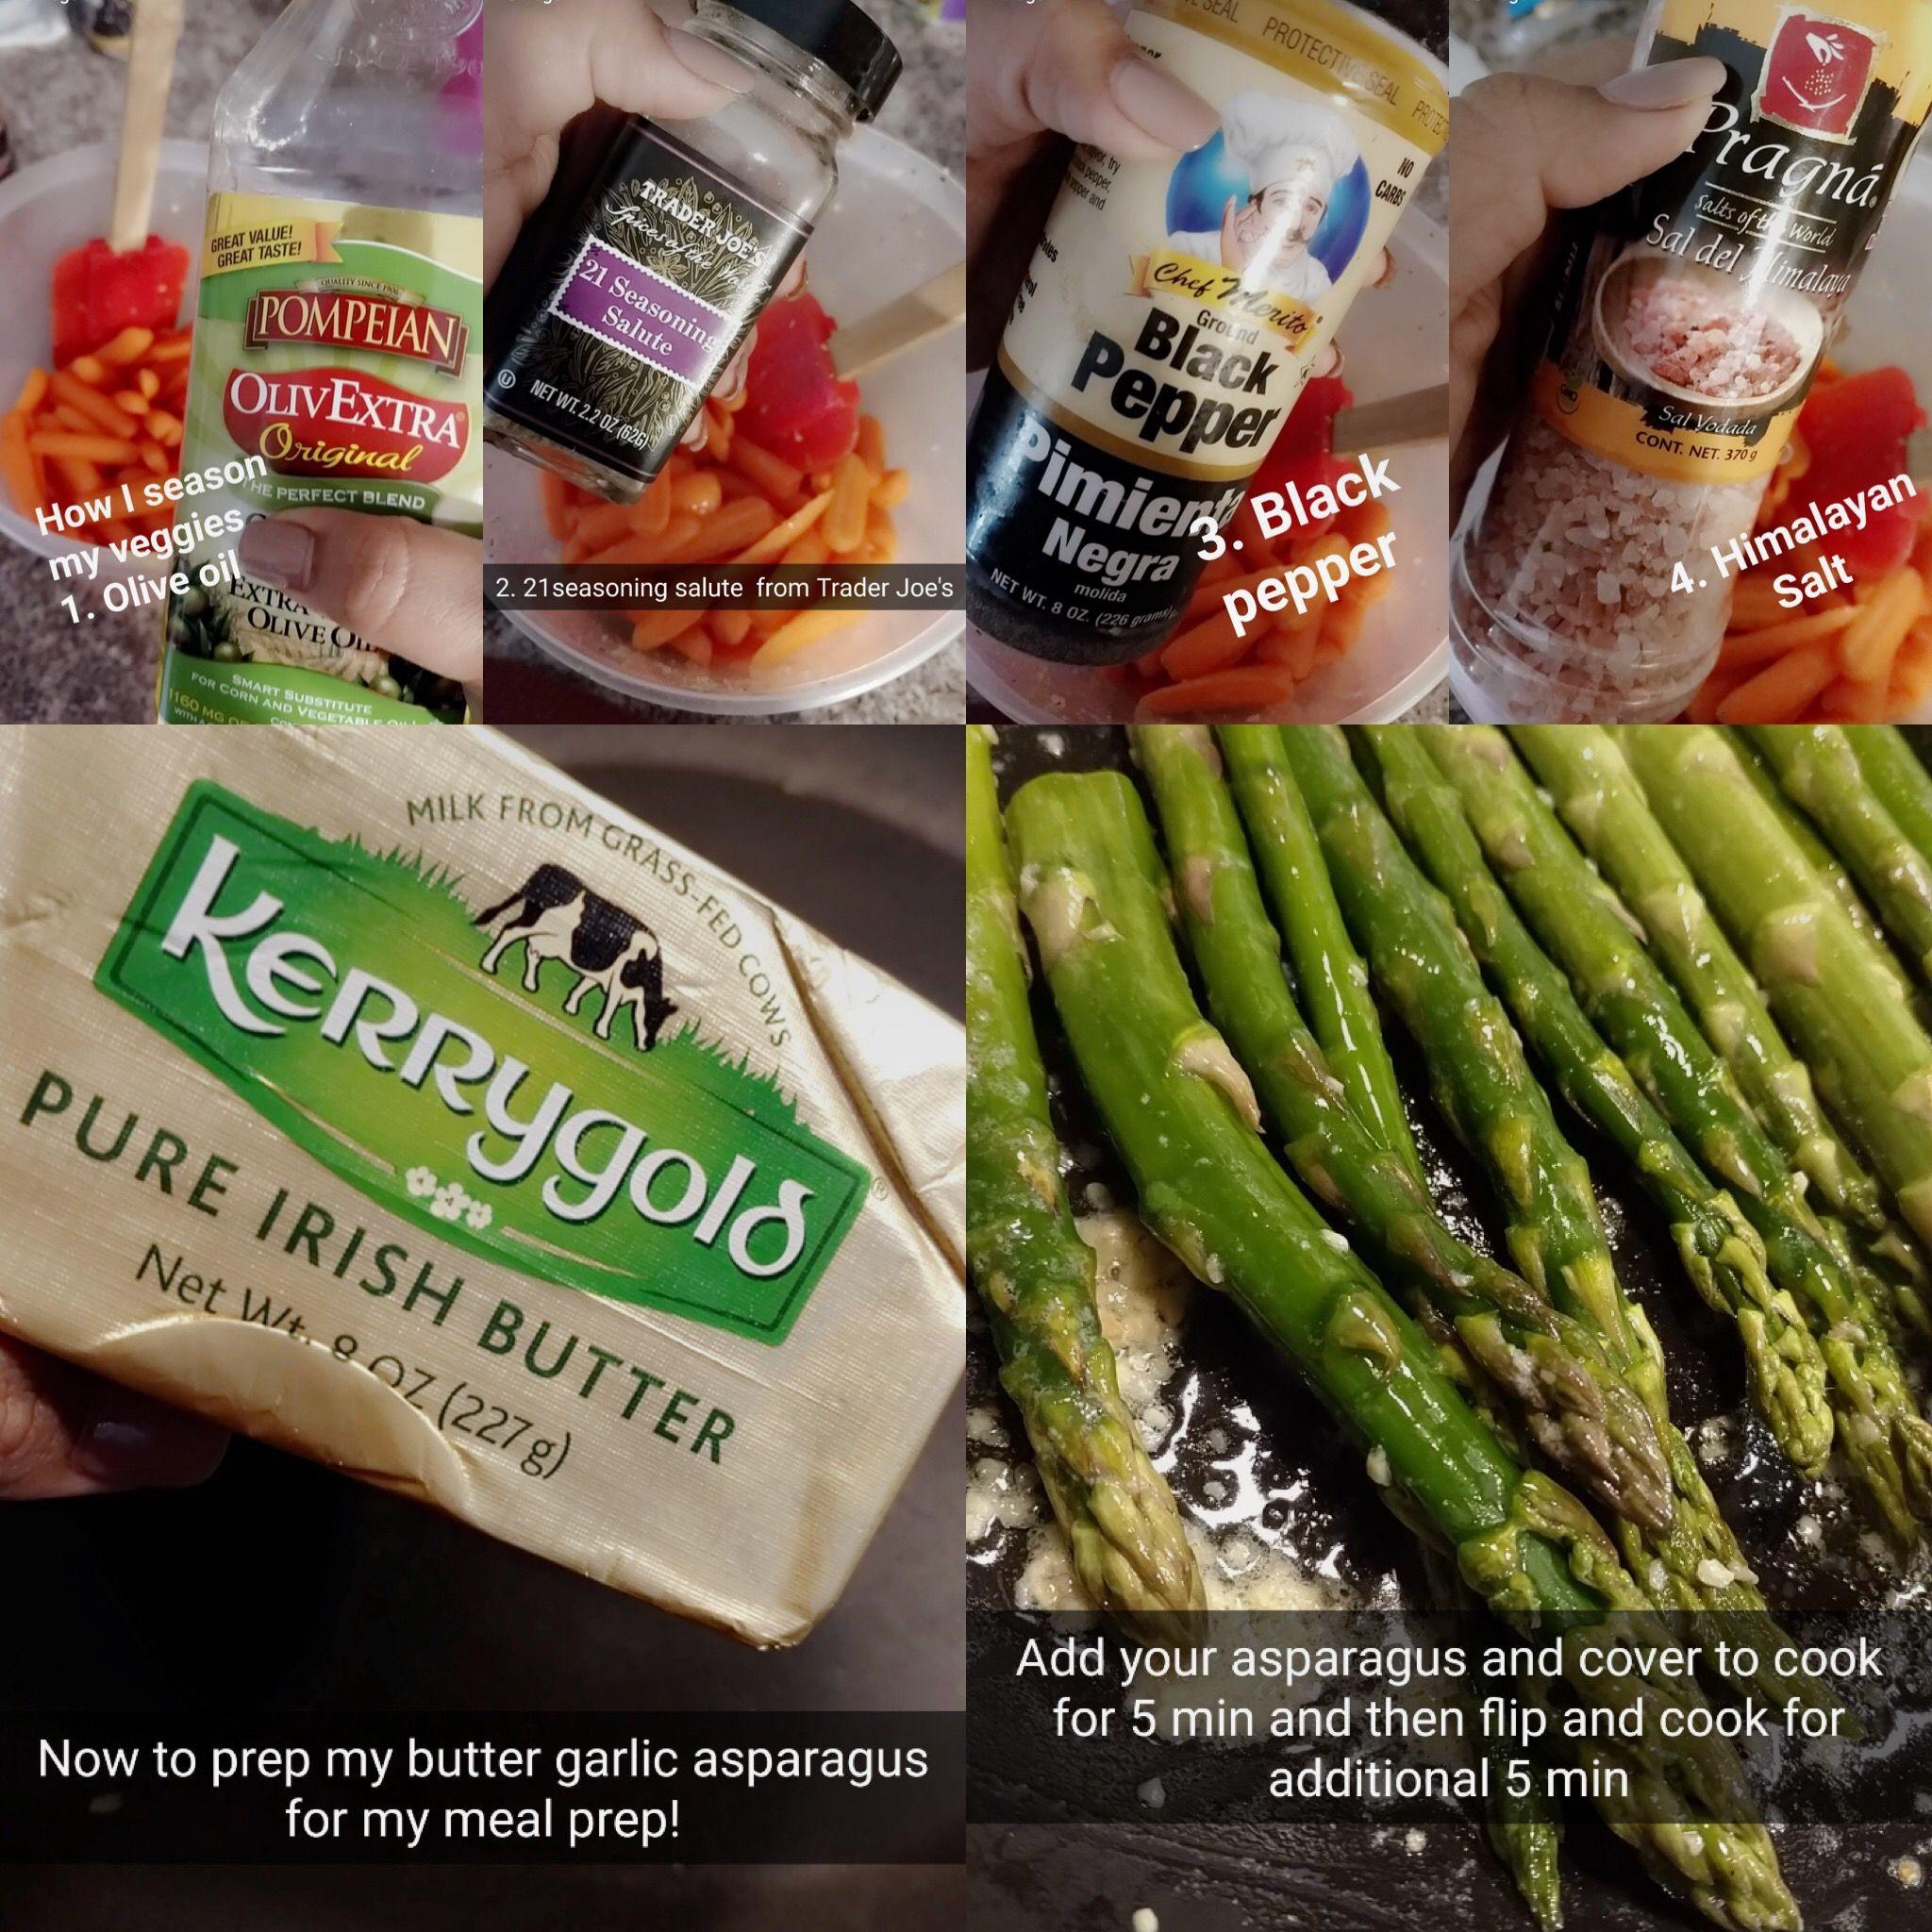 How to make asparagus